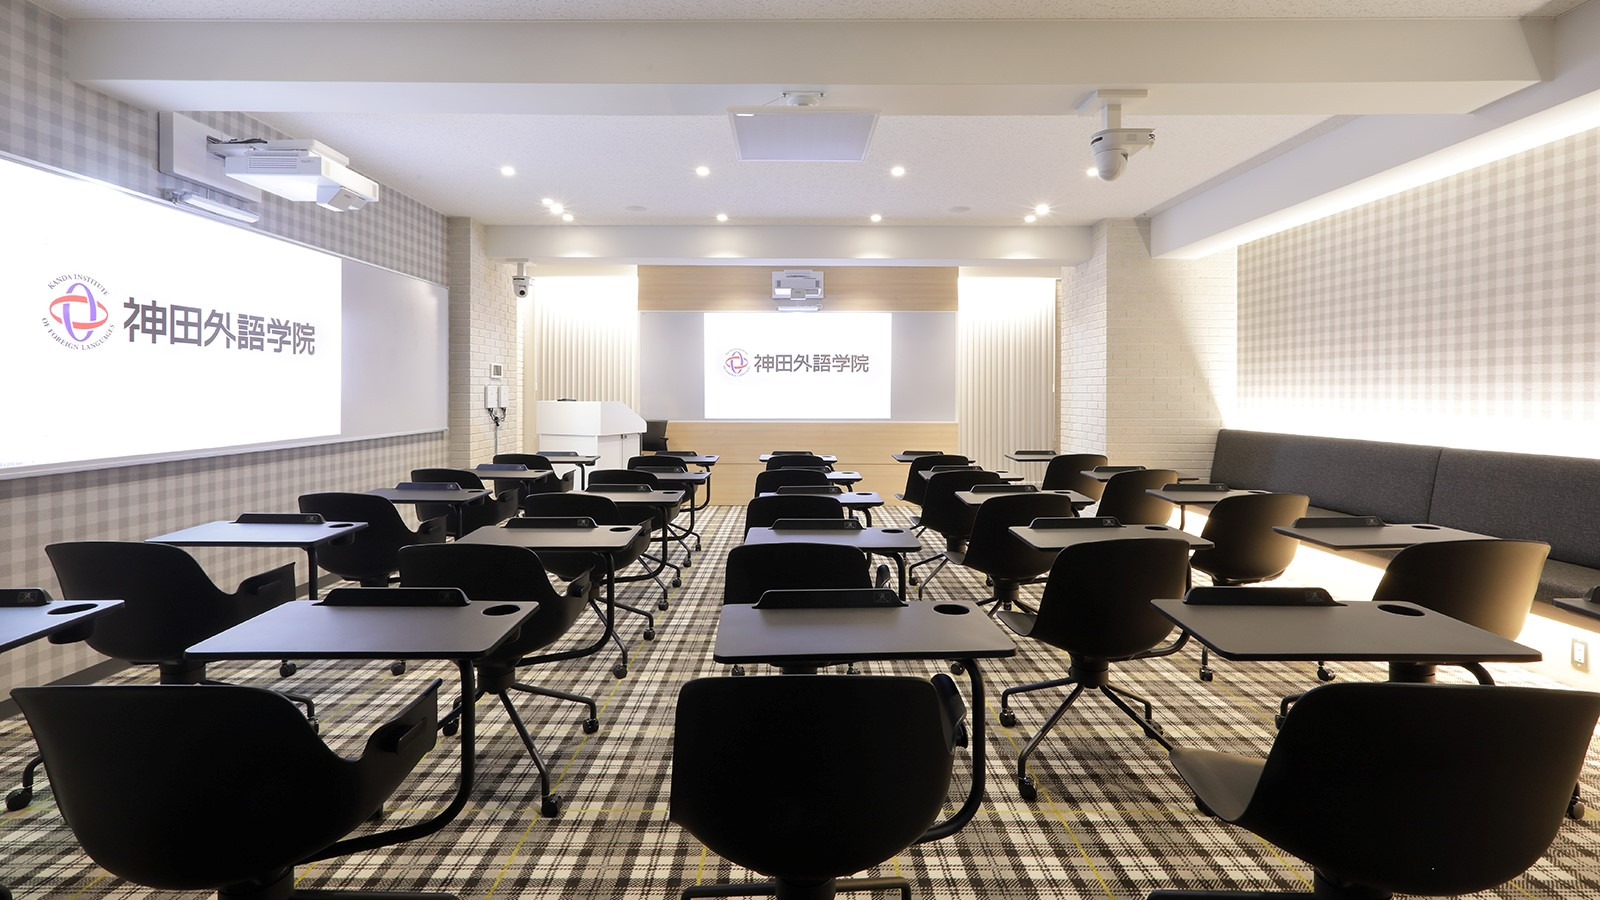 【専門学校】神田外語学院様 | オンライン授業でも教室にいるかのような没入感を実現した未来型の教室 | Microflex Advance MXA910、IntelliMix P300